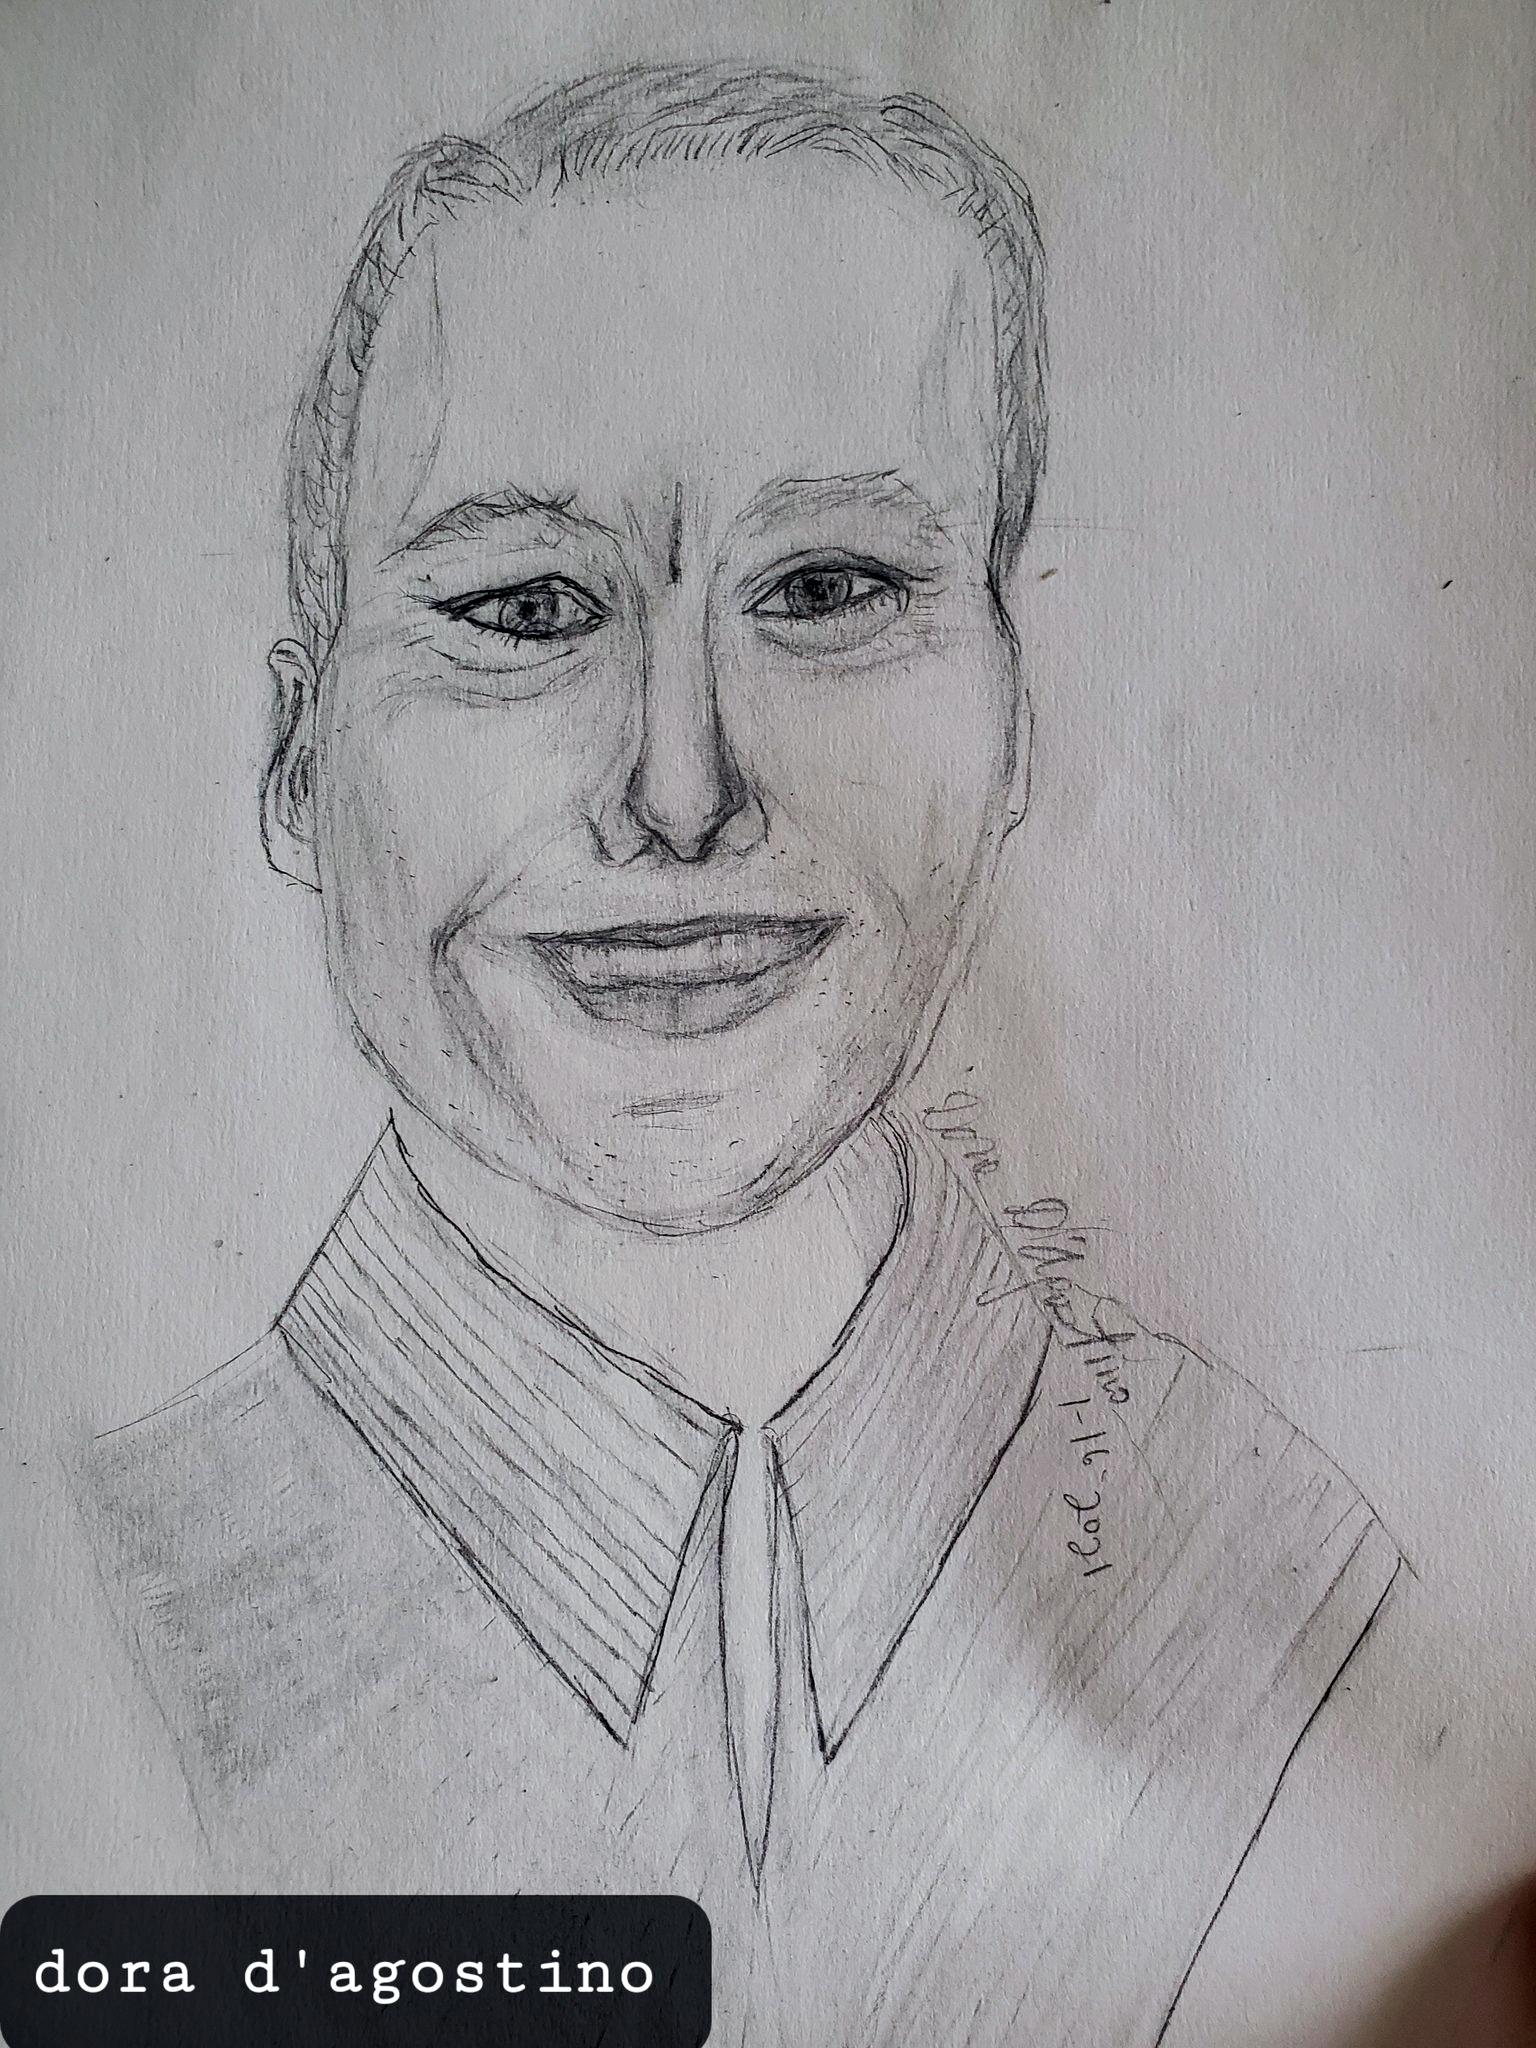 David Boles, as drawn by Dora D'Agostino on 01-05-21